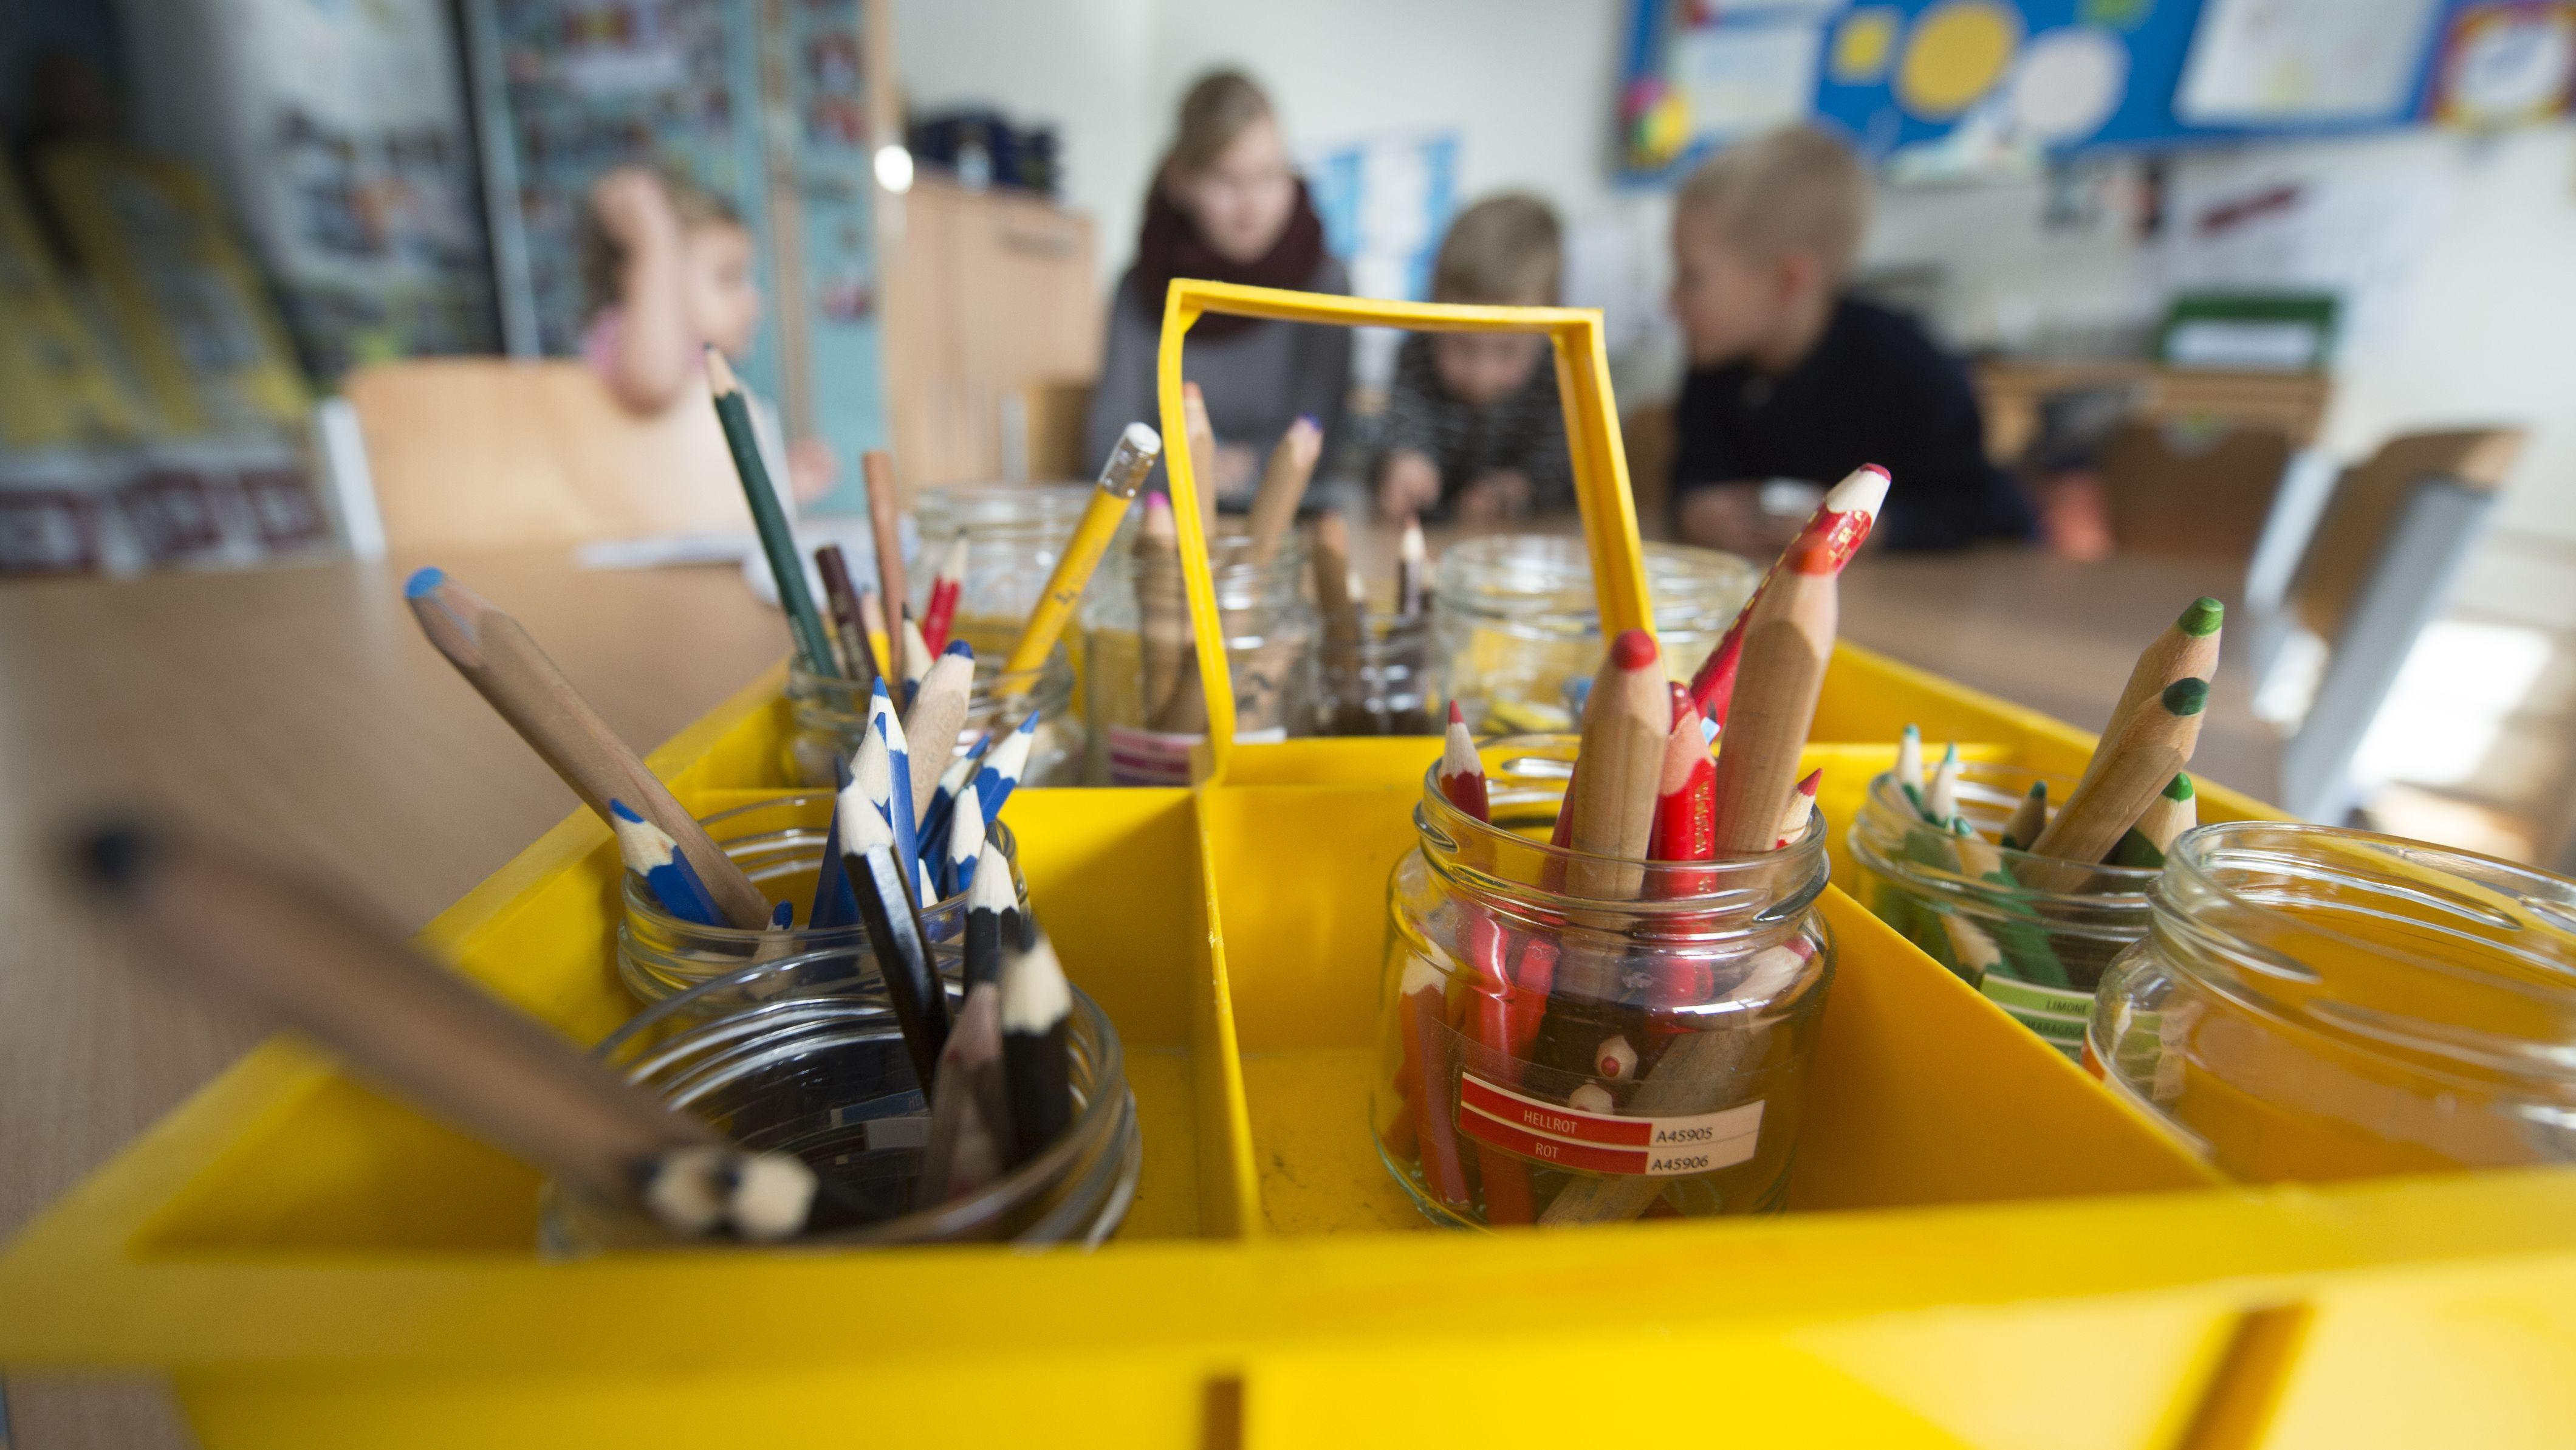 Blick in eine Kita: Stifte im Vordergrund, Kinder im Hintergrund.